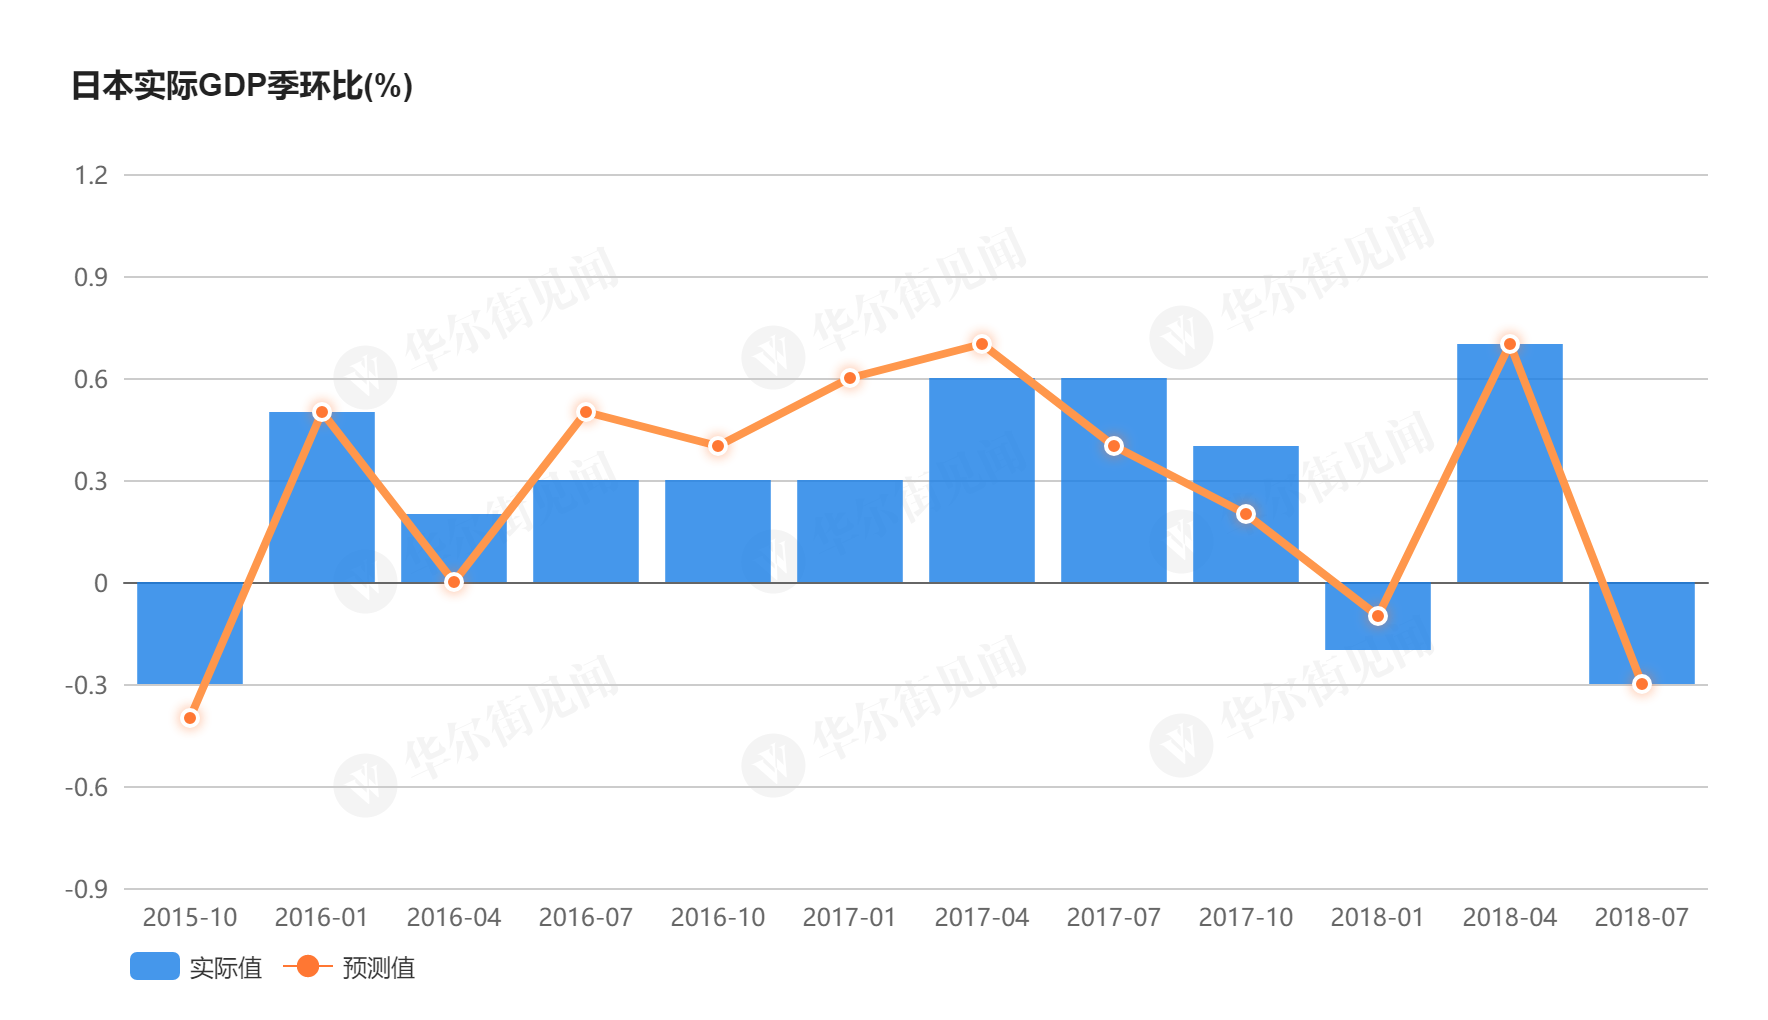 华尔街见闻也曾挑及,三季度日本GDP增速下滑的主要因为是自然灾难的影响和国际贸易的主要局势导致的出口大幅下滑。